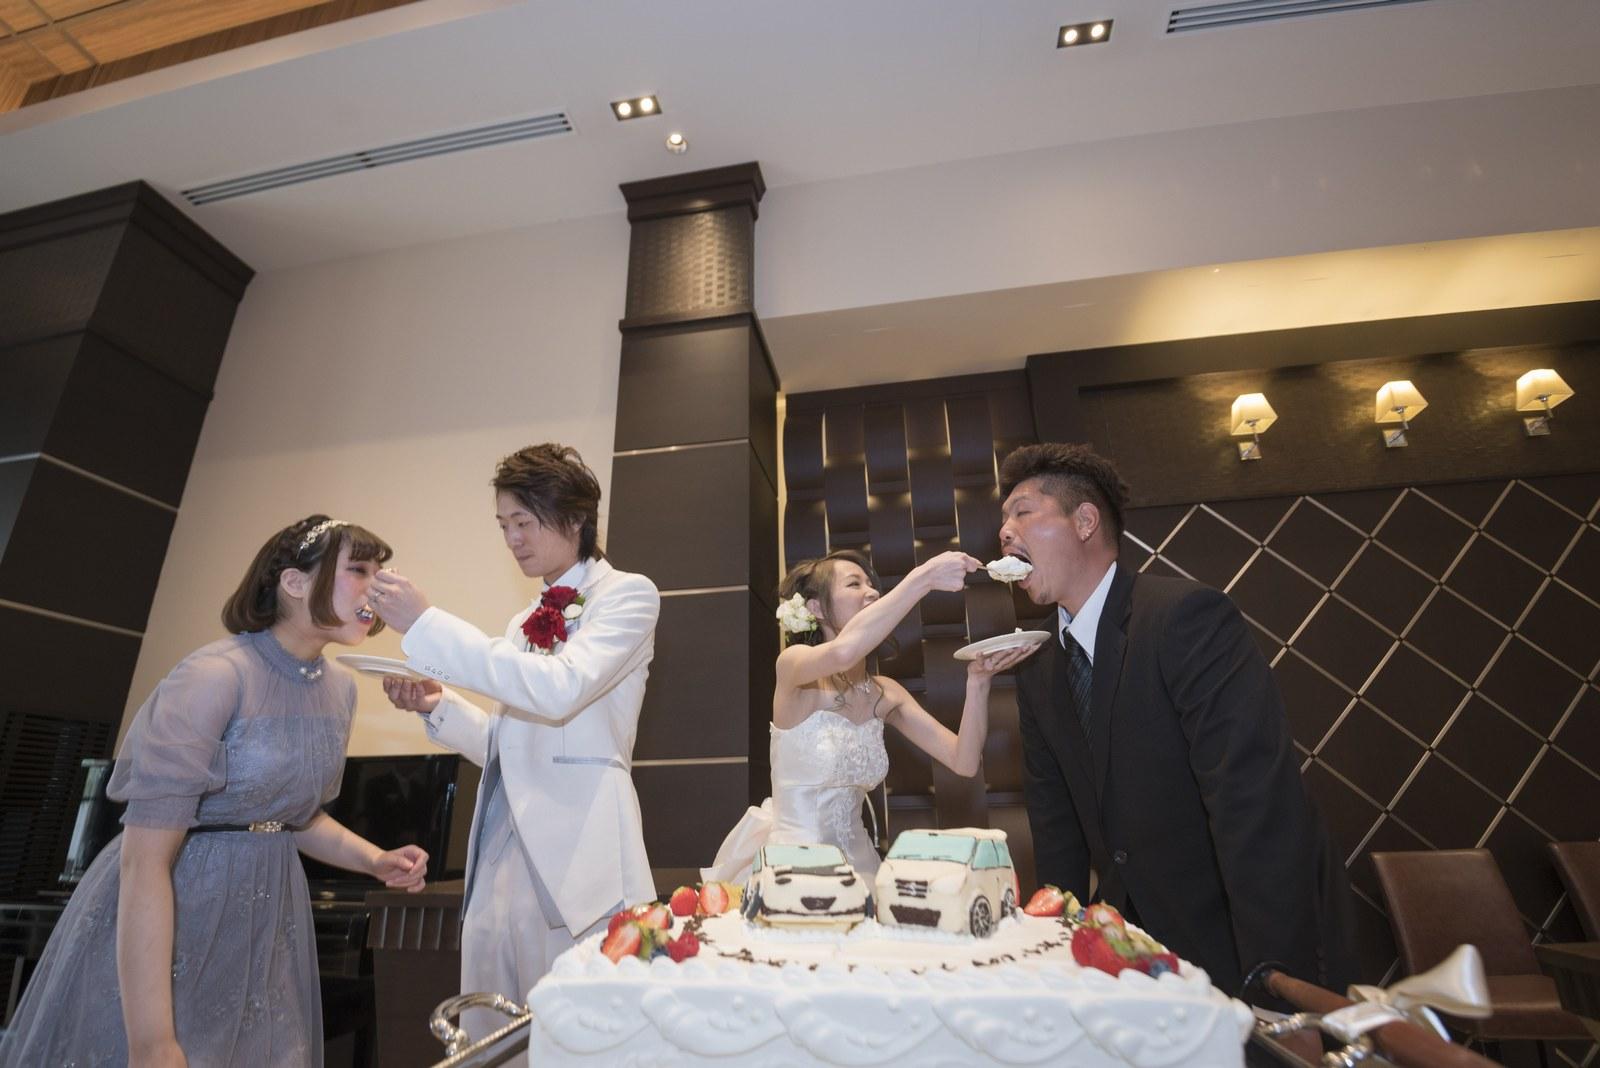 高松市の結婚式場アイルバレクラブでゲストにファーストバイトをする新郎新婦